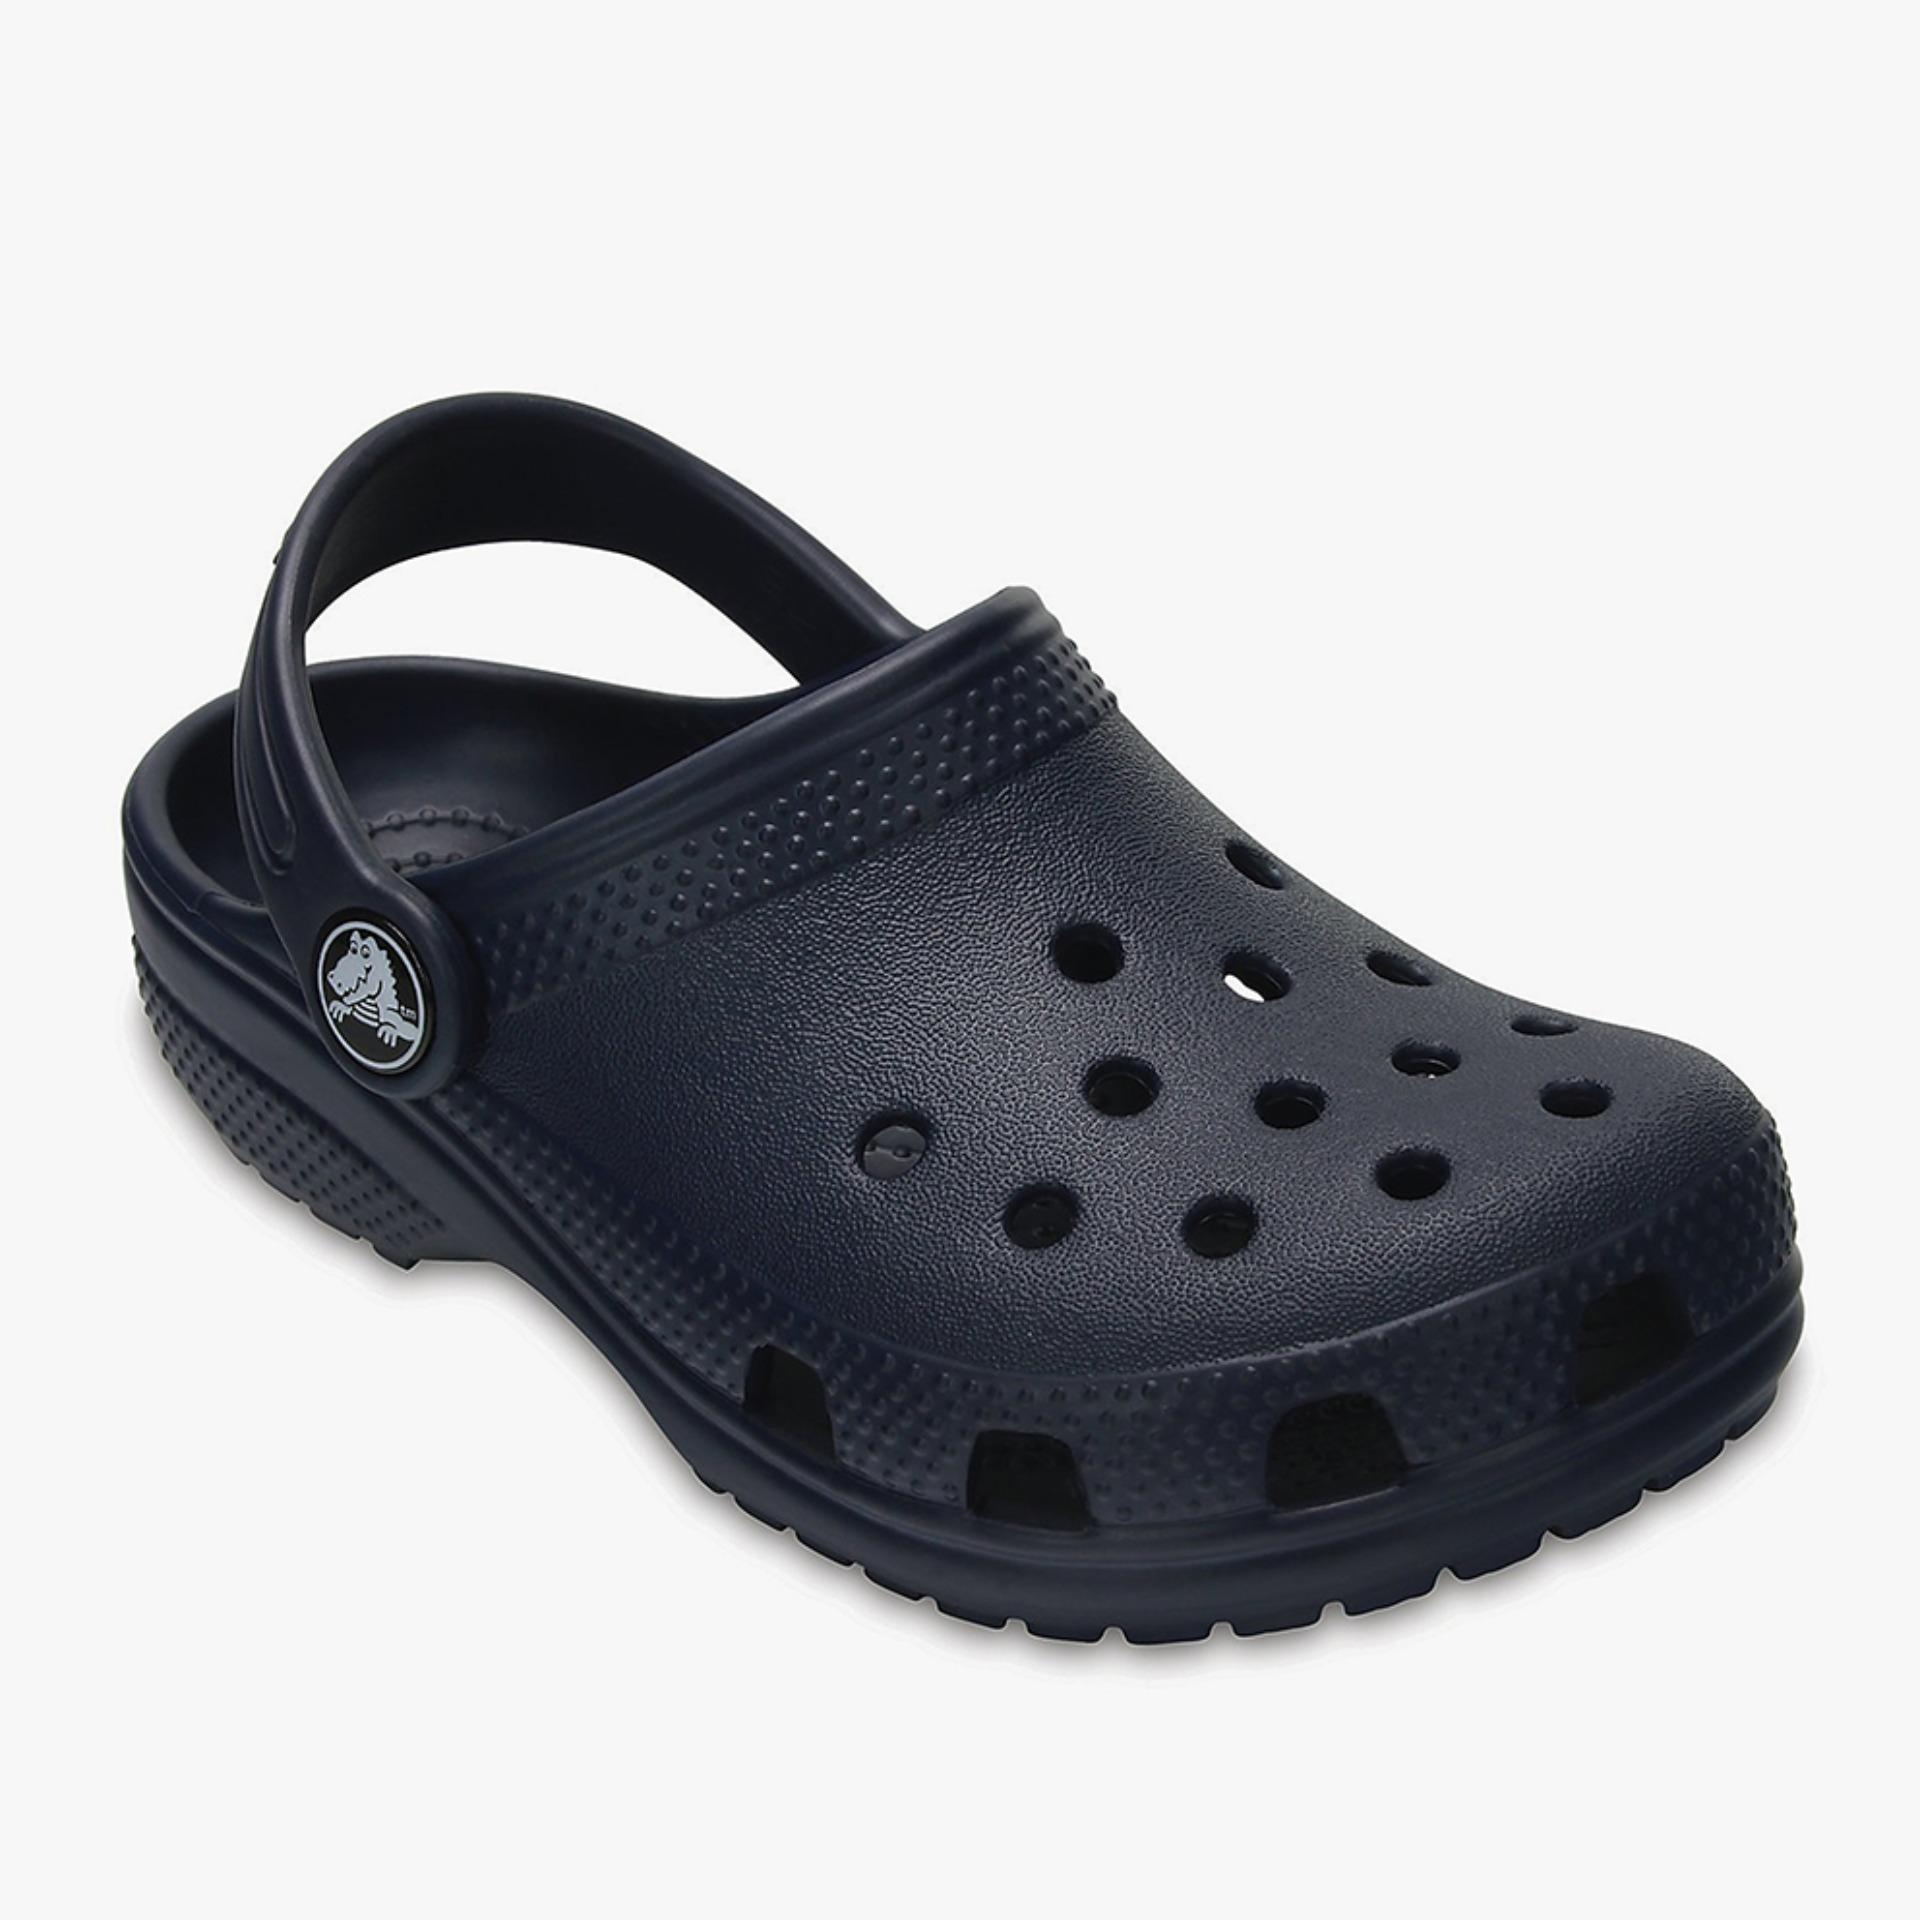 Crocs Classic Clog kids' Sandals - Navy